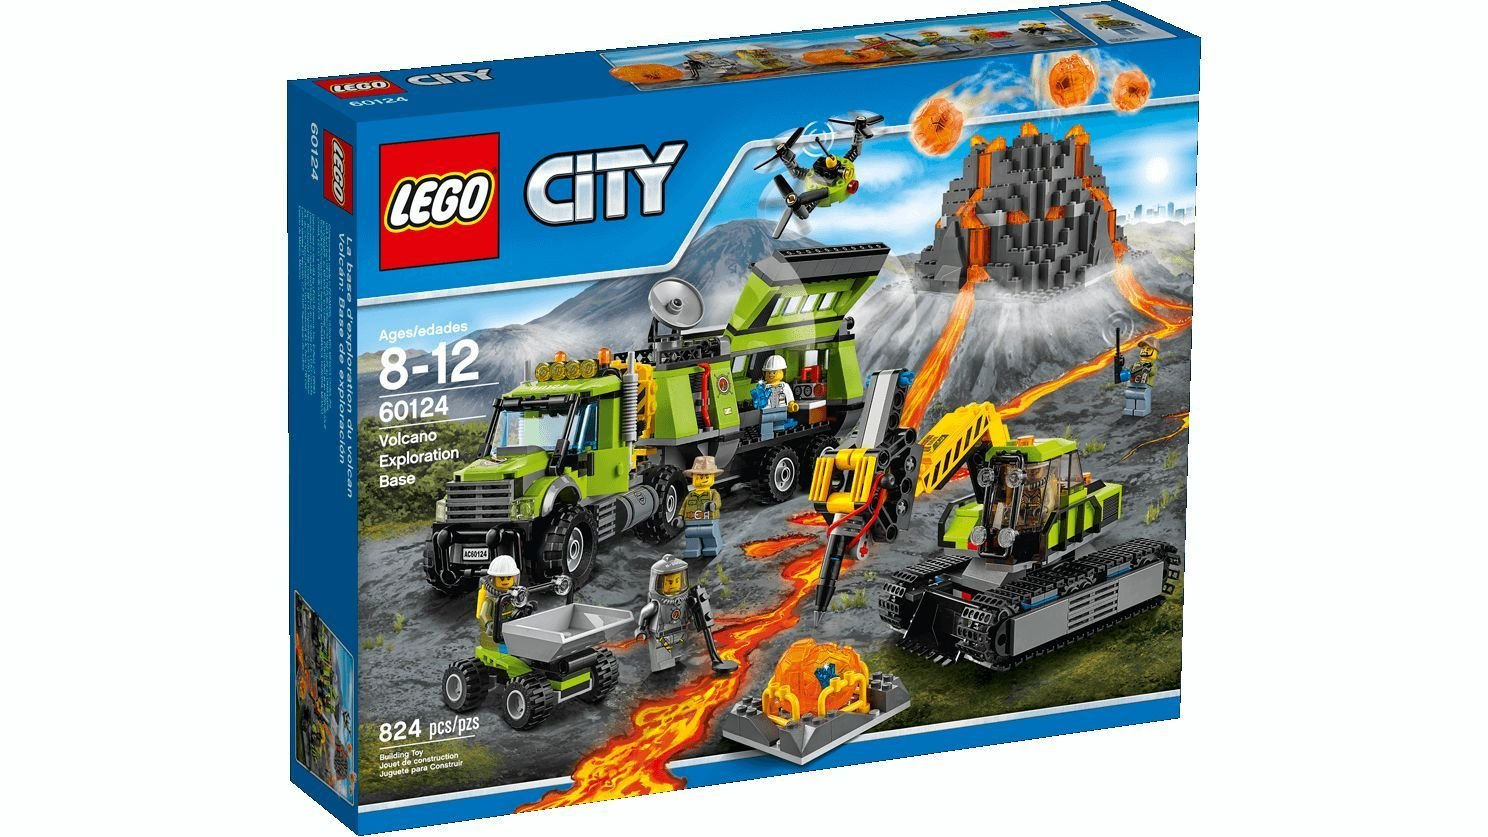 Offerte Lego City 60124 - Set Costruzioni City Vulcano Base Delle Esplorazioni Vulcanica